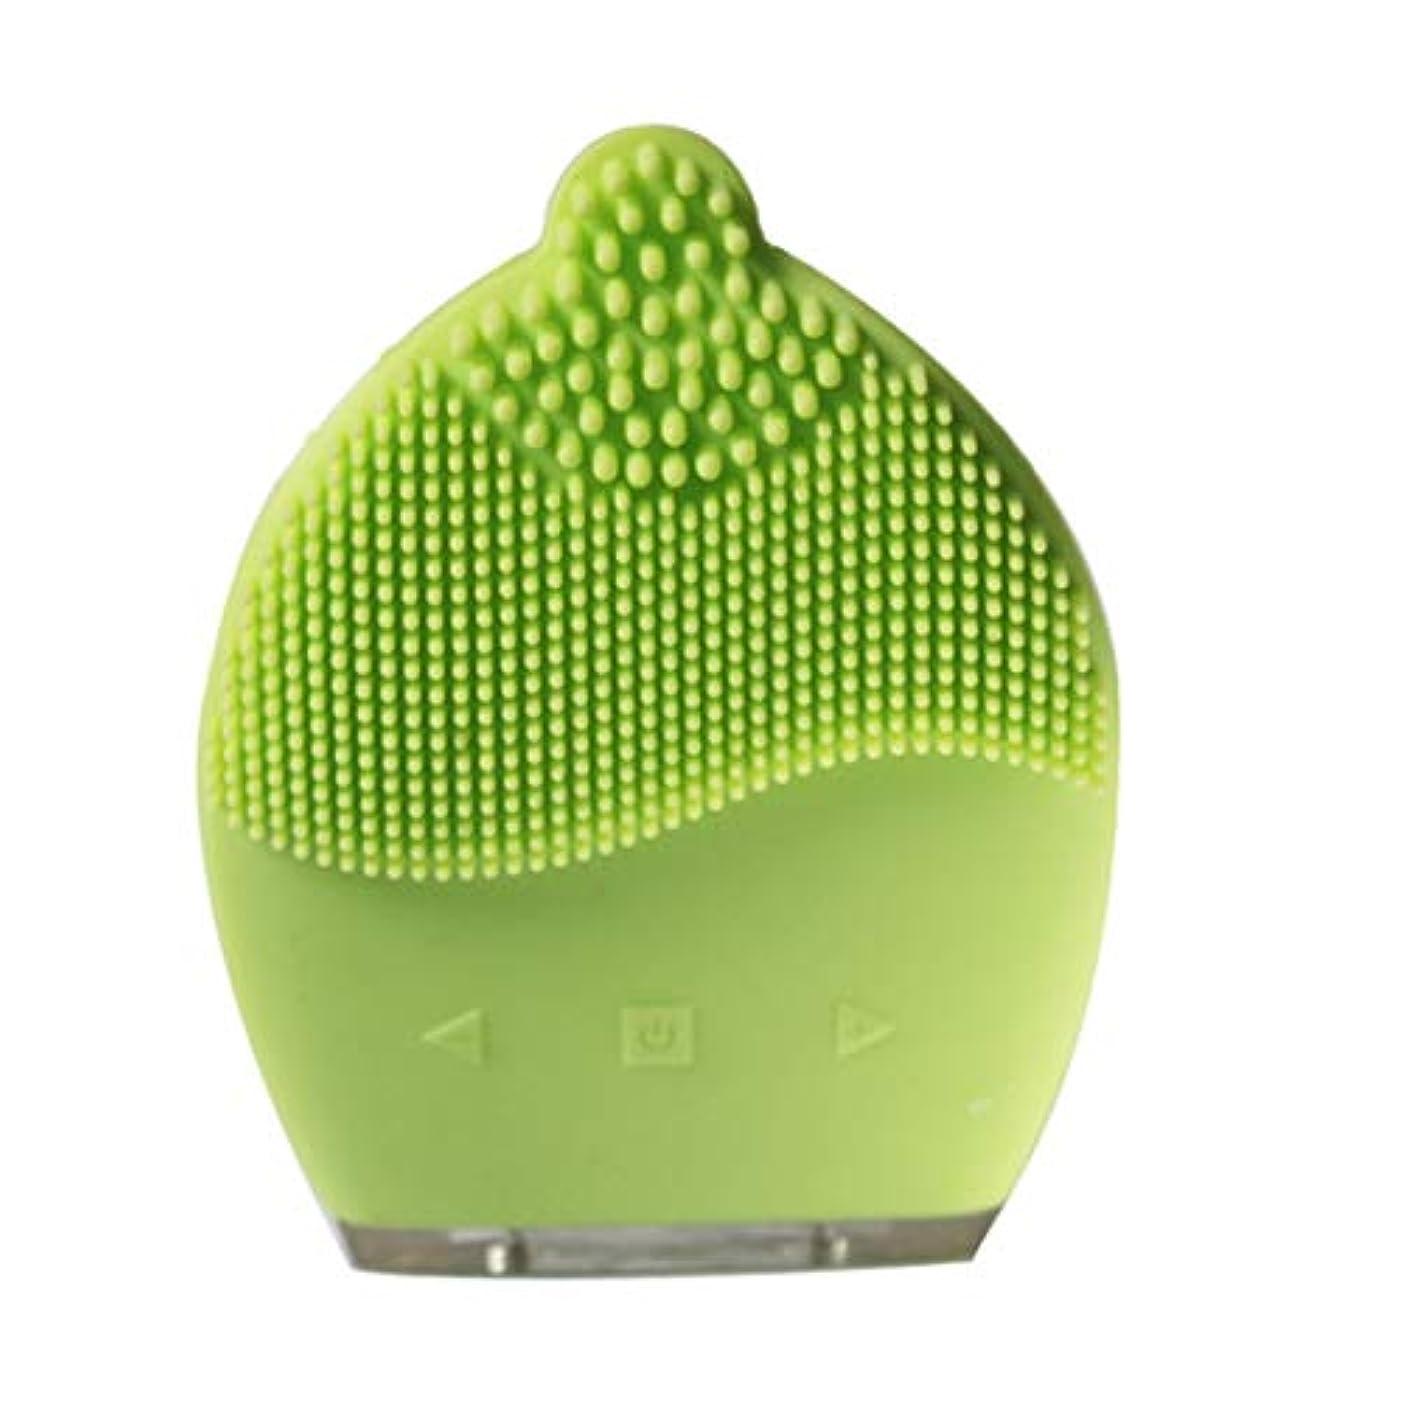 主権者化学者スライスCAFUTY 超音波シリコン電気洗浄器具 除染黒髪洗浄 洗浄ブラシ (Color : イエロー)